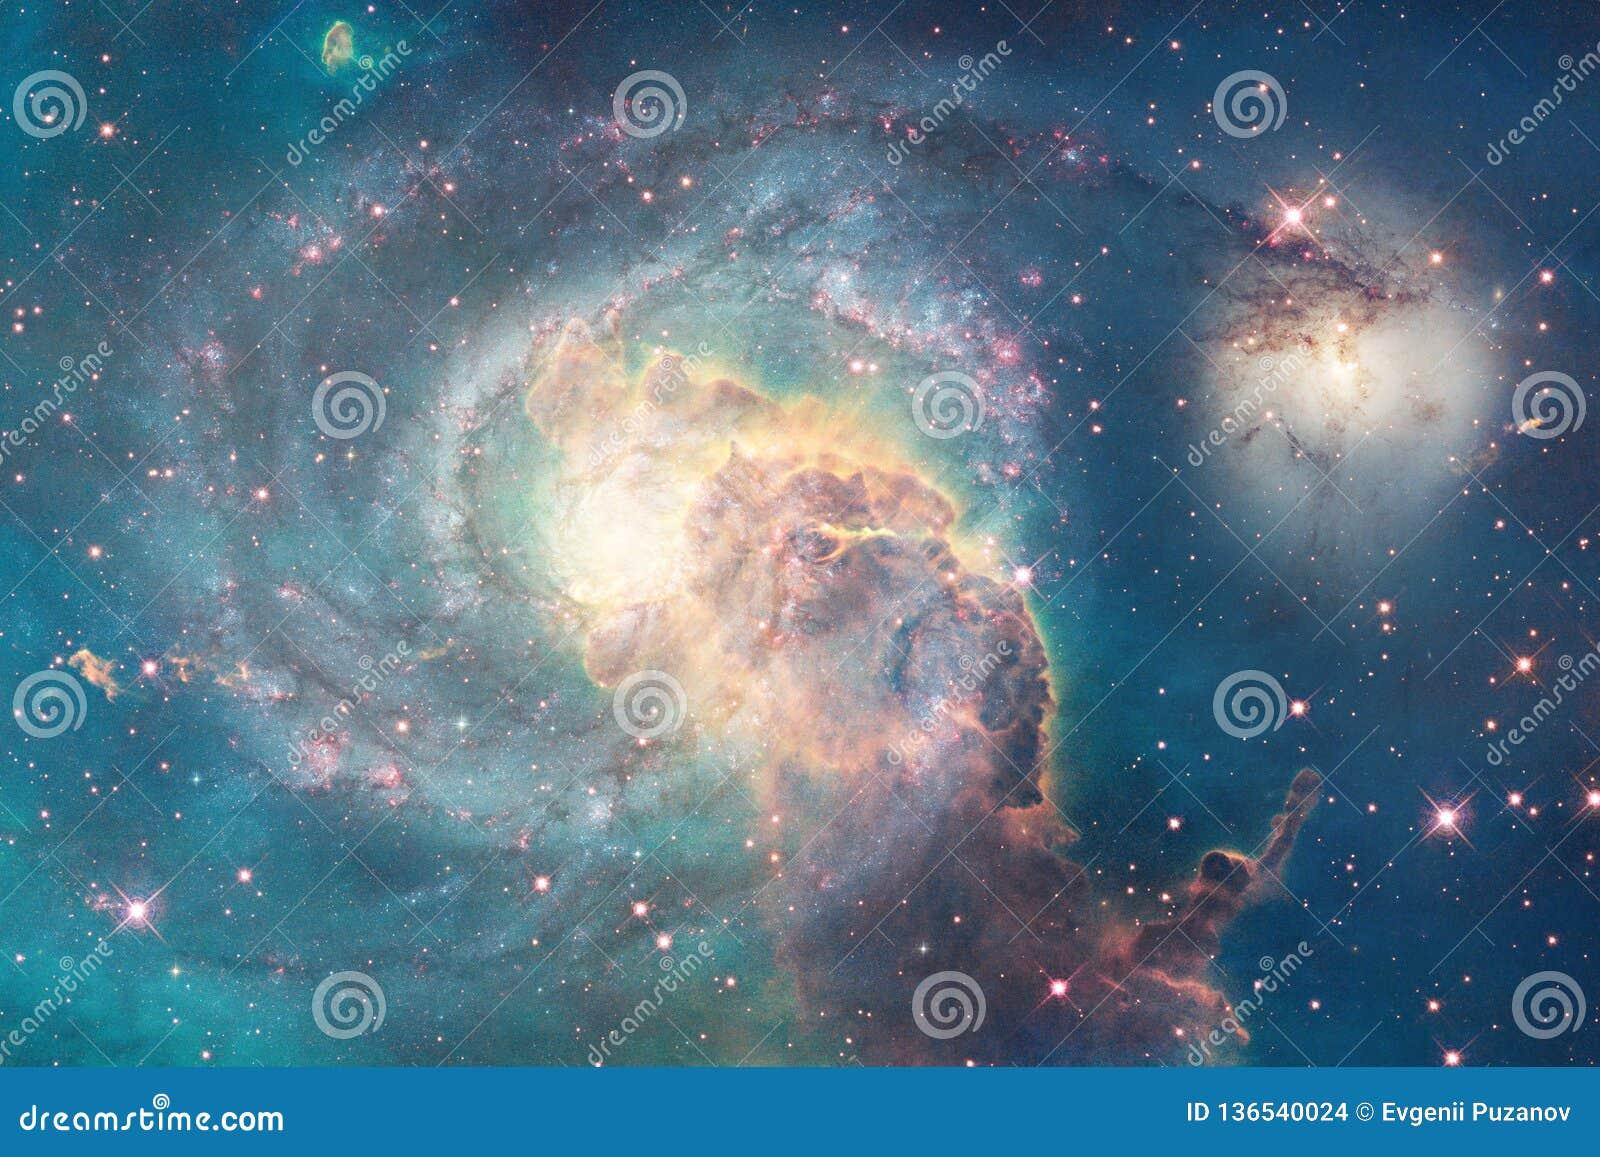 Galassia incredibilmente bella da qualche parte nello spazio profondo Carta da parati della fantascienza